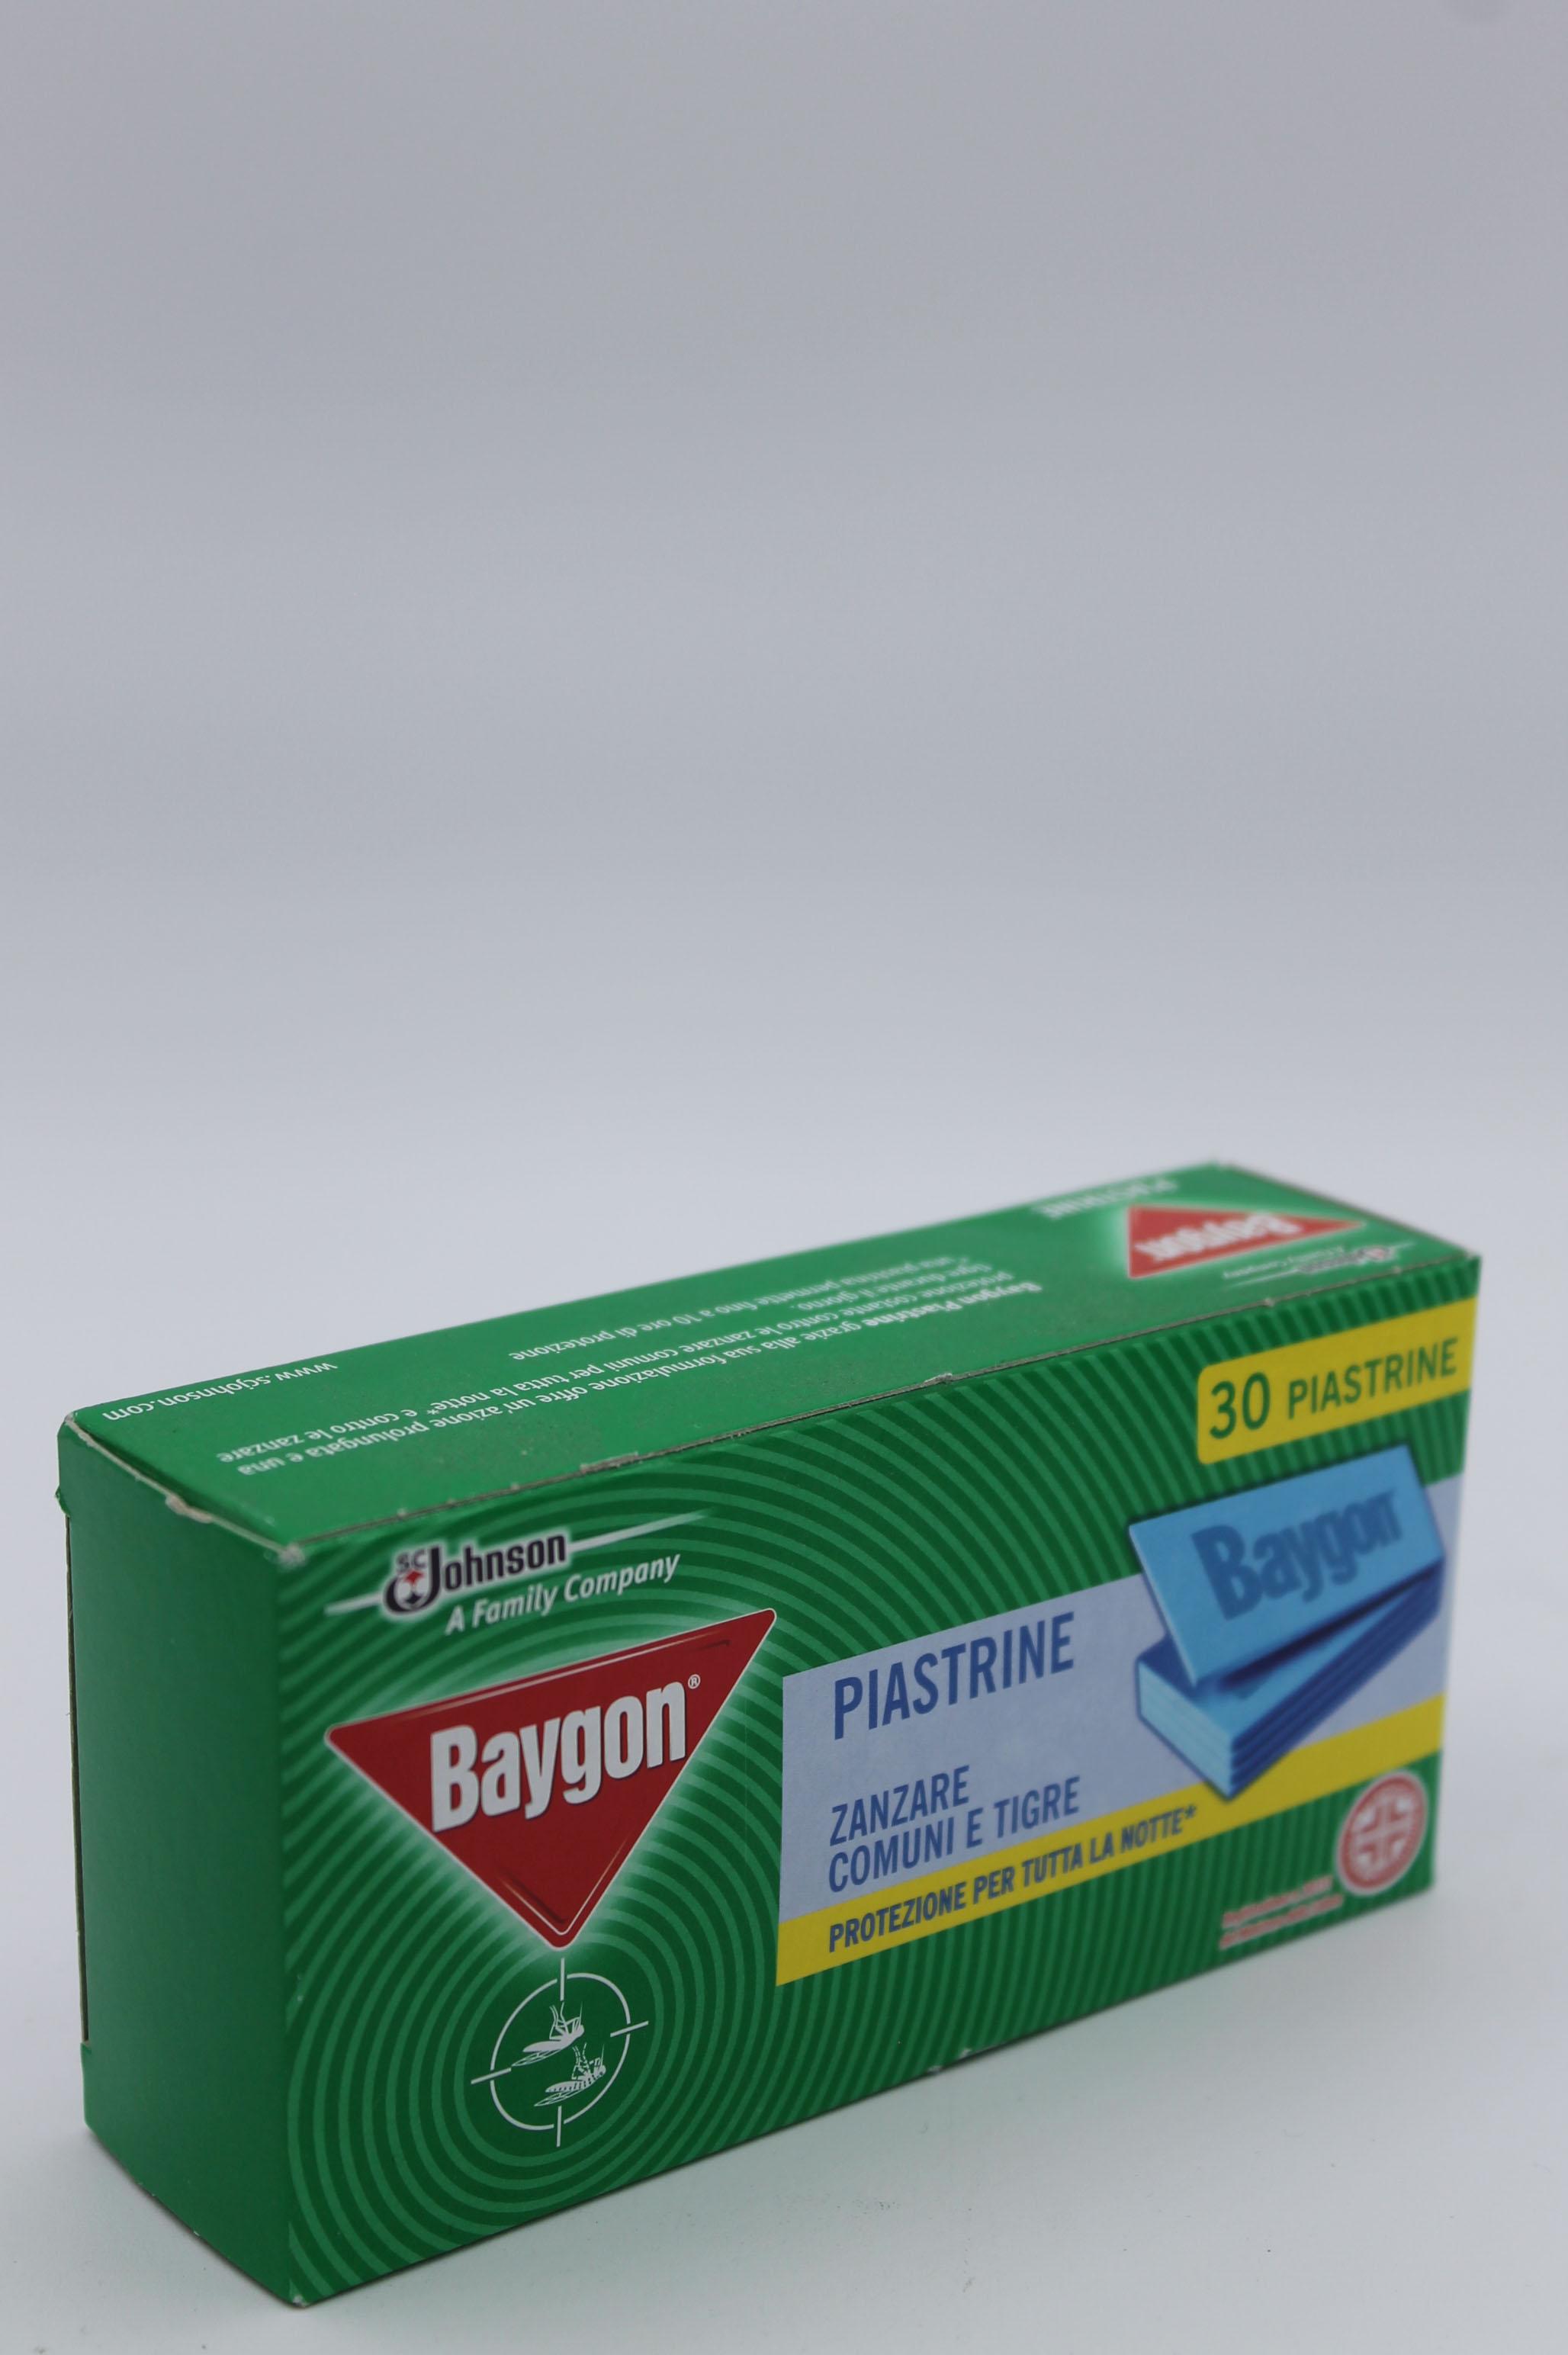 Baygon piastrine anti zanzare 30pz.